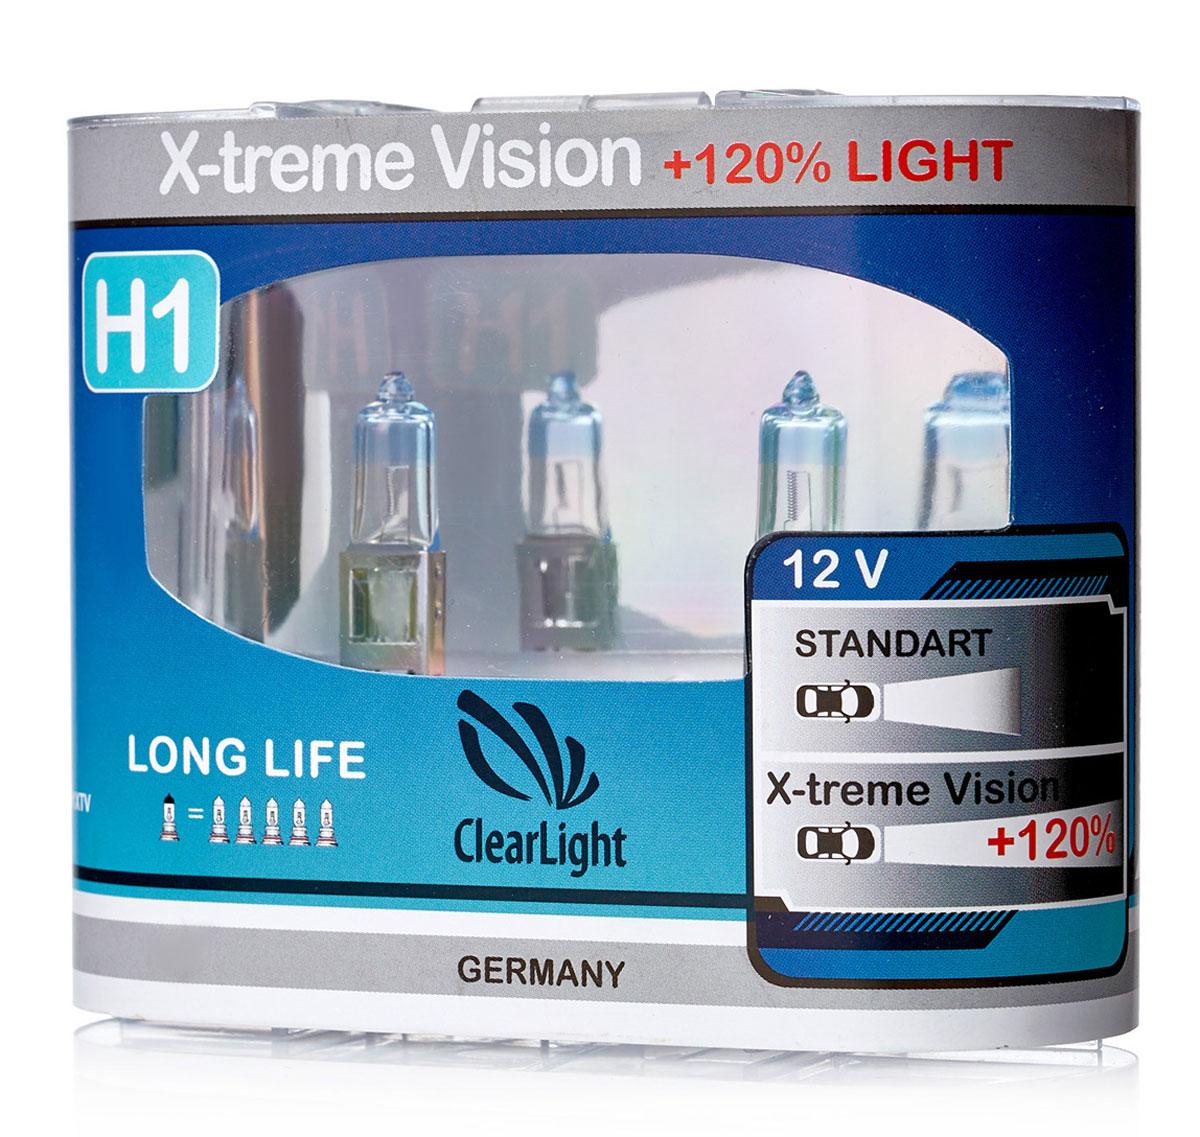 Лампа автомобильная галогенная Clearlight H1 X-treme Vision +120% Light, 2 штMLH1XTV120X-treme Vision Дает увеличенный на 120% световой поток по сравнению со стандартными лампами, сохранив регламентированные стандарты мощности за счет увеличения длины нити накаливания, дополнительных витков спирали и специального состава газа в колбе. Цветовая температура смещена в сектор белого света, вместо желтоватого оттенка. Оптимальна для прохождения техосмотра и идеально подходит как для линзованной оптики, так и для обычных отражателей FF.